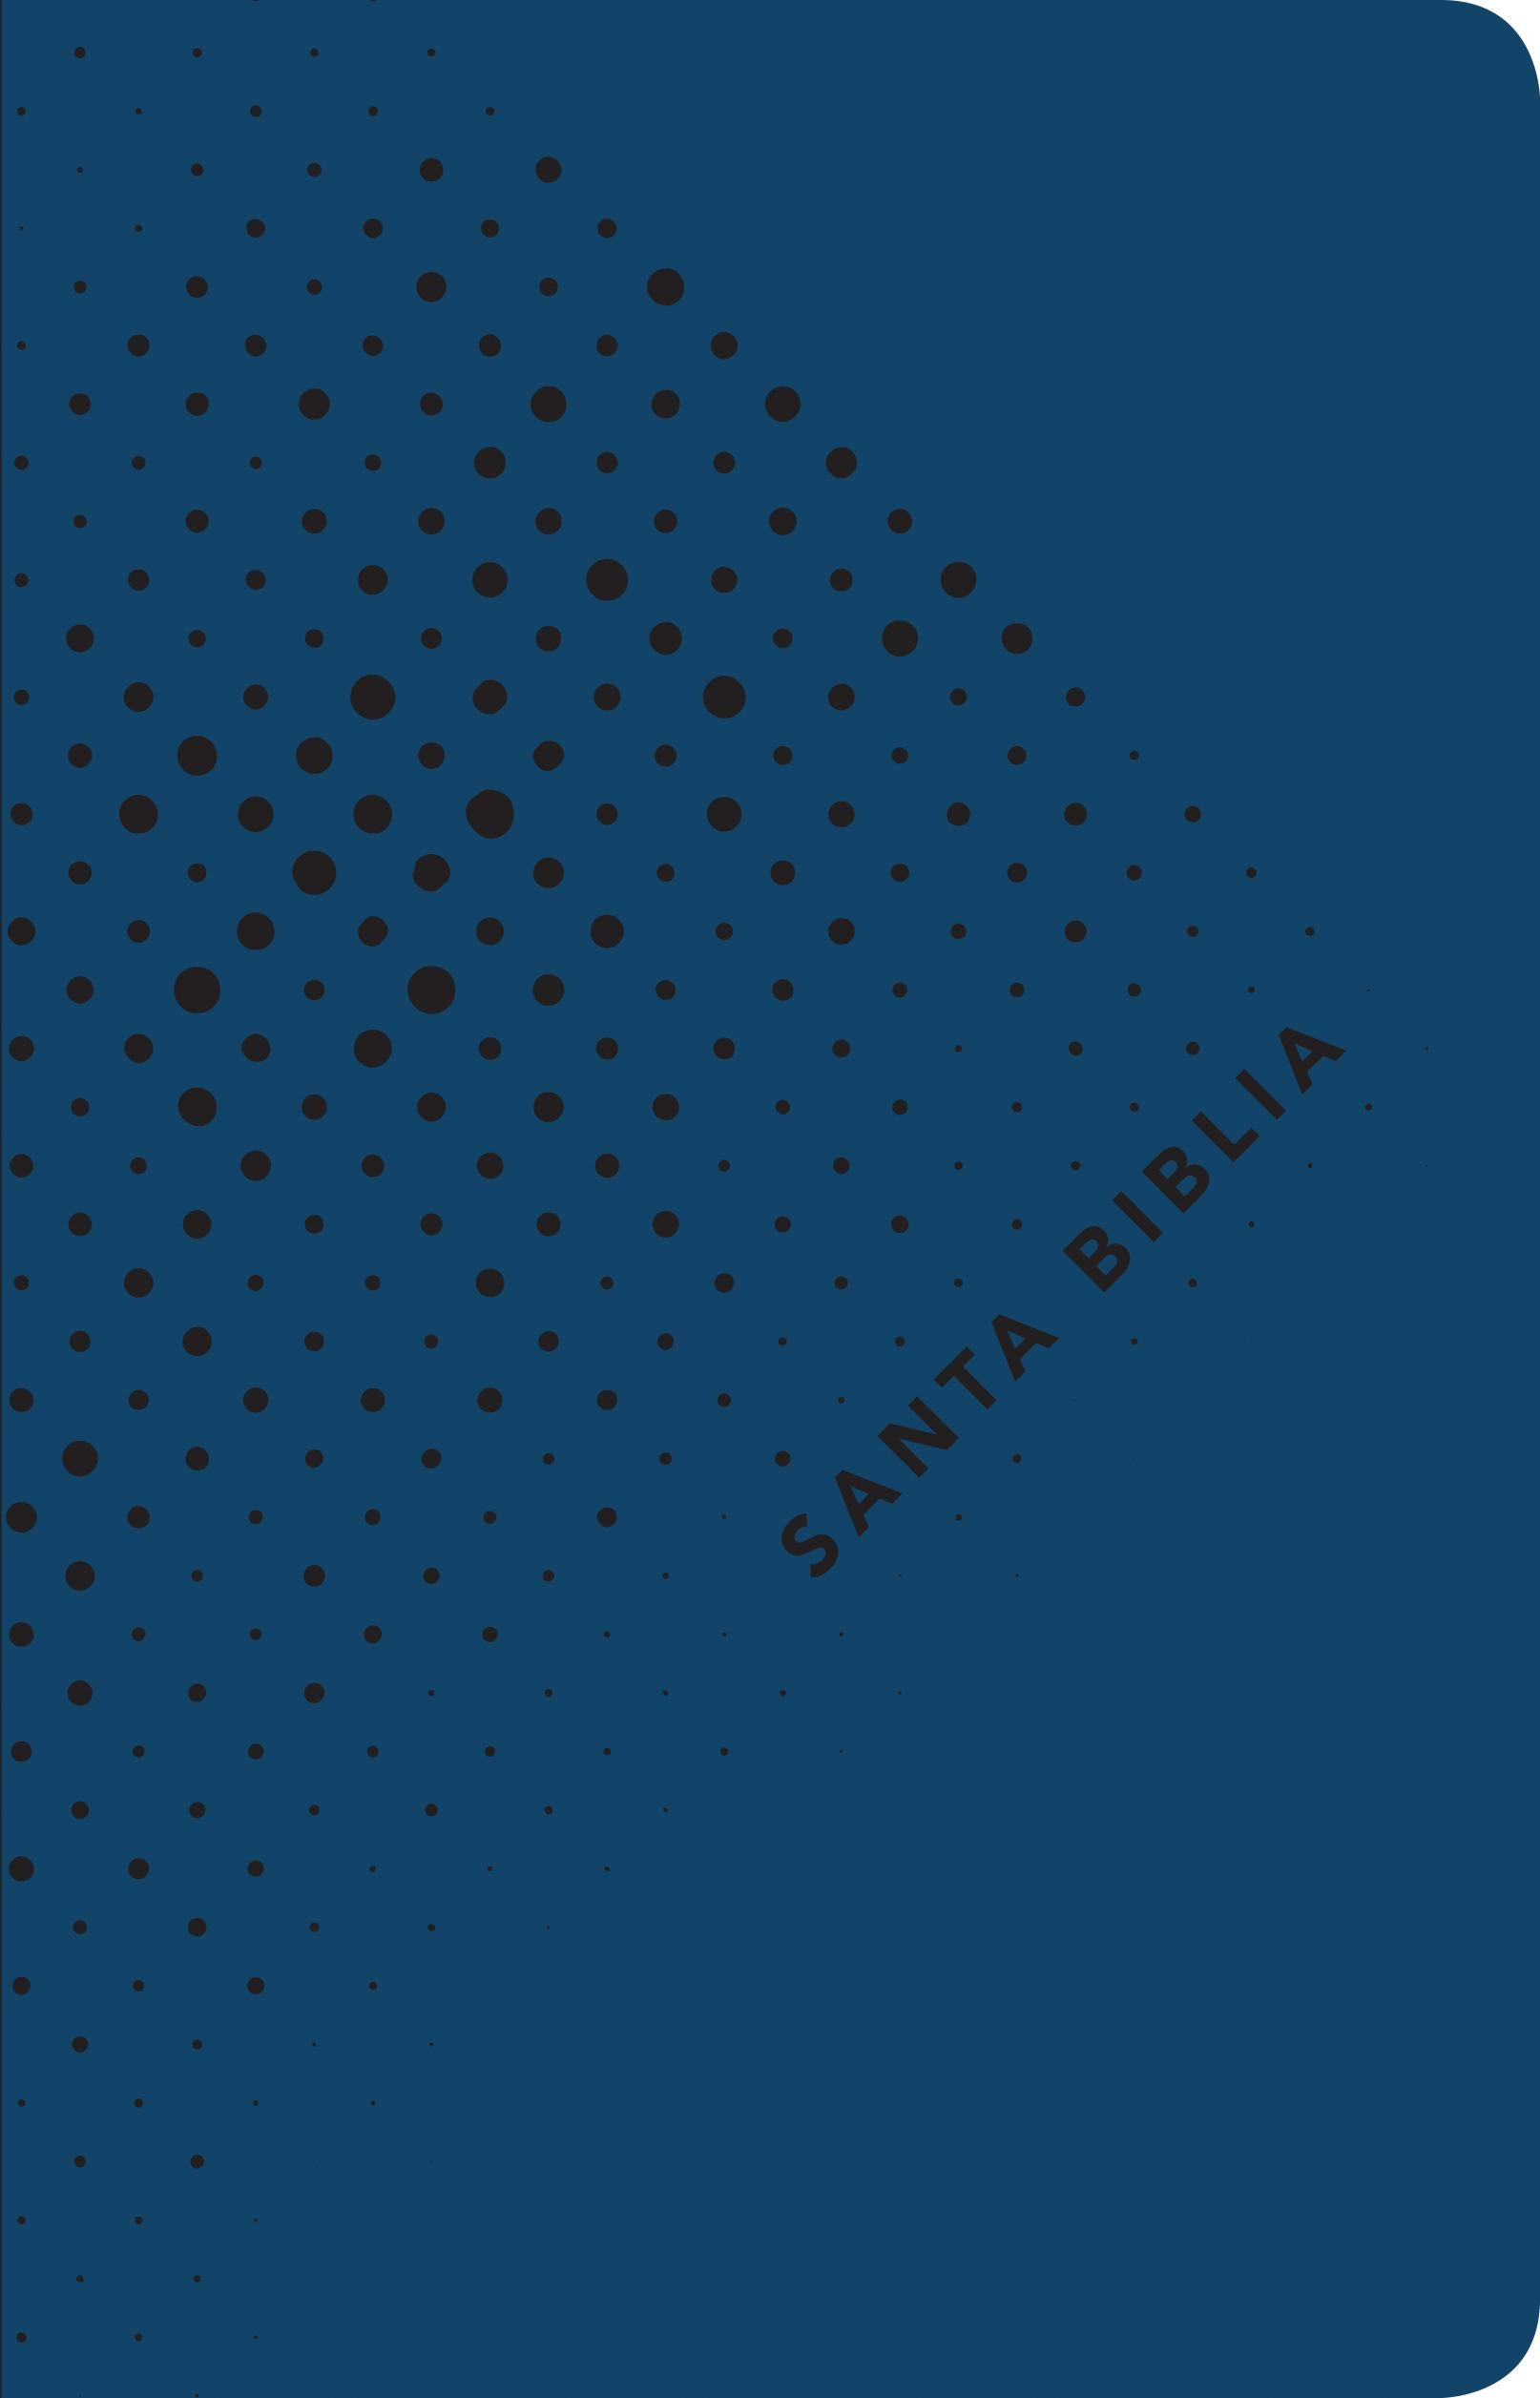 Santa Biblia NTV, Edición ágape, Noche: Holy Bible NTV, Agape Edition, Night